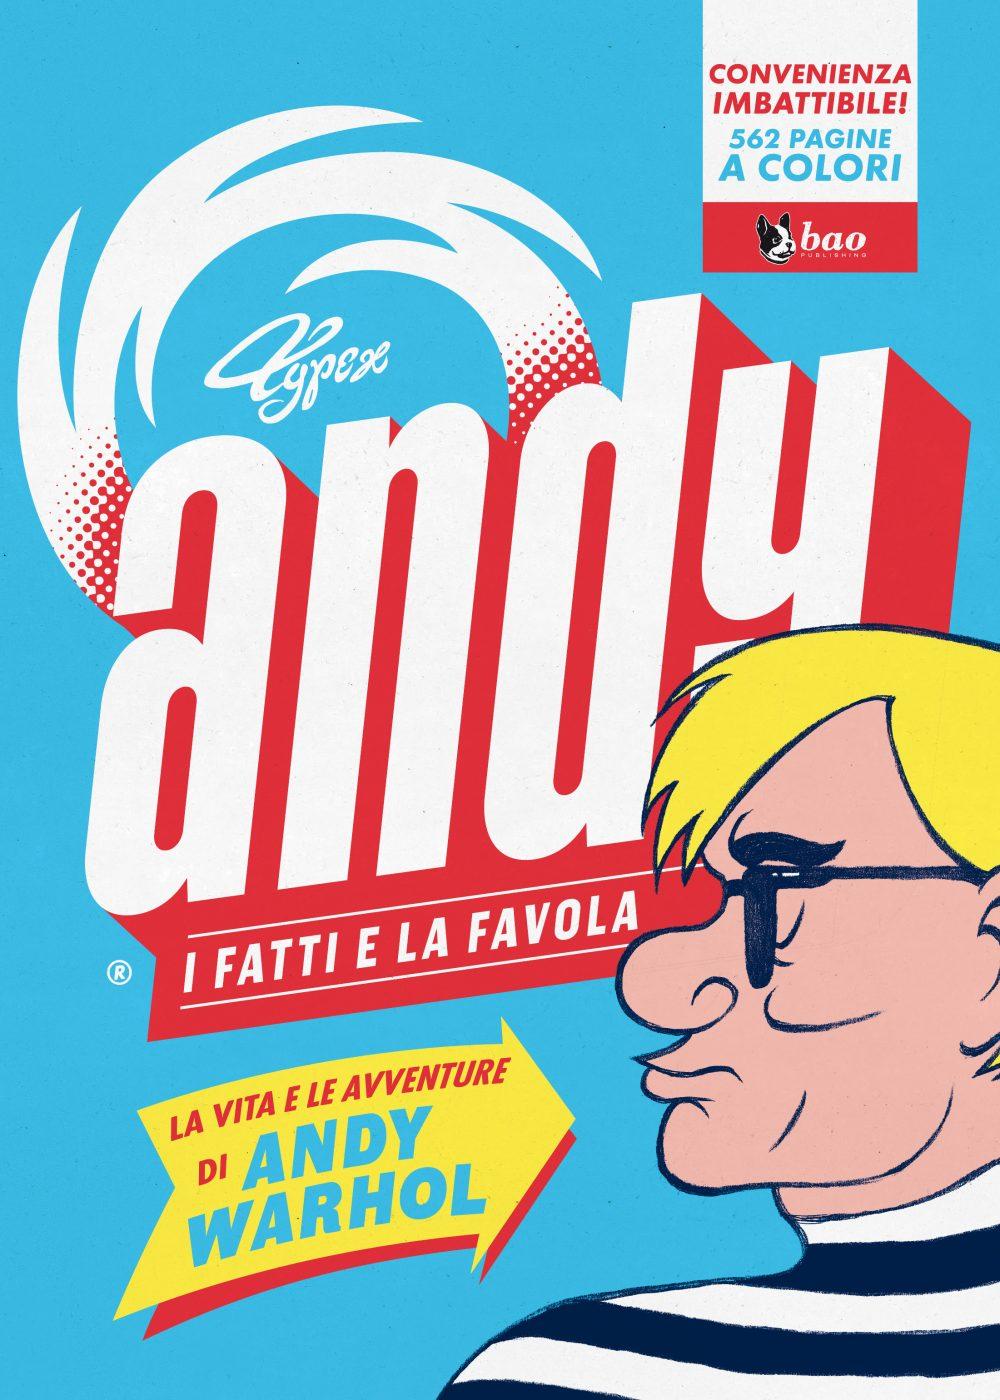 Andy - I fatti e la favola, copertina di Typex